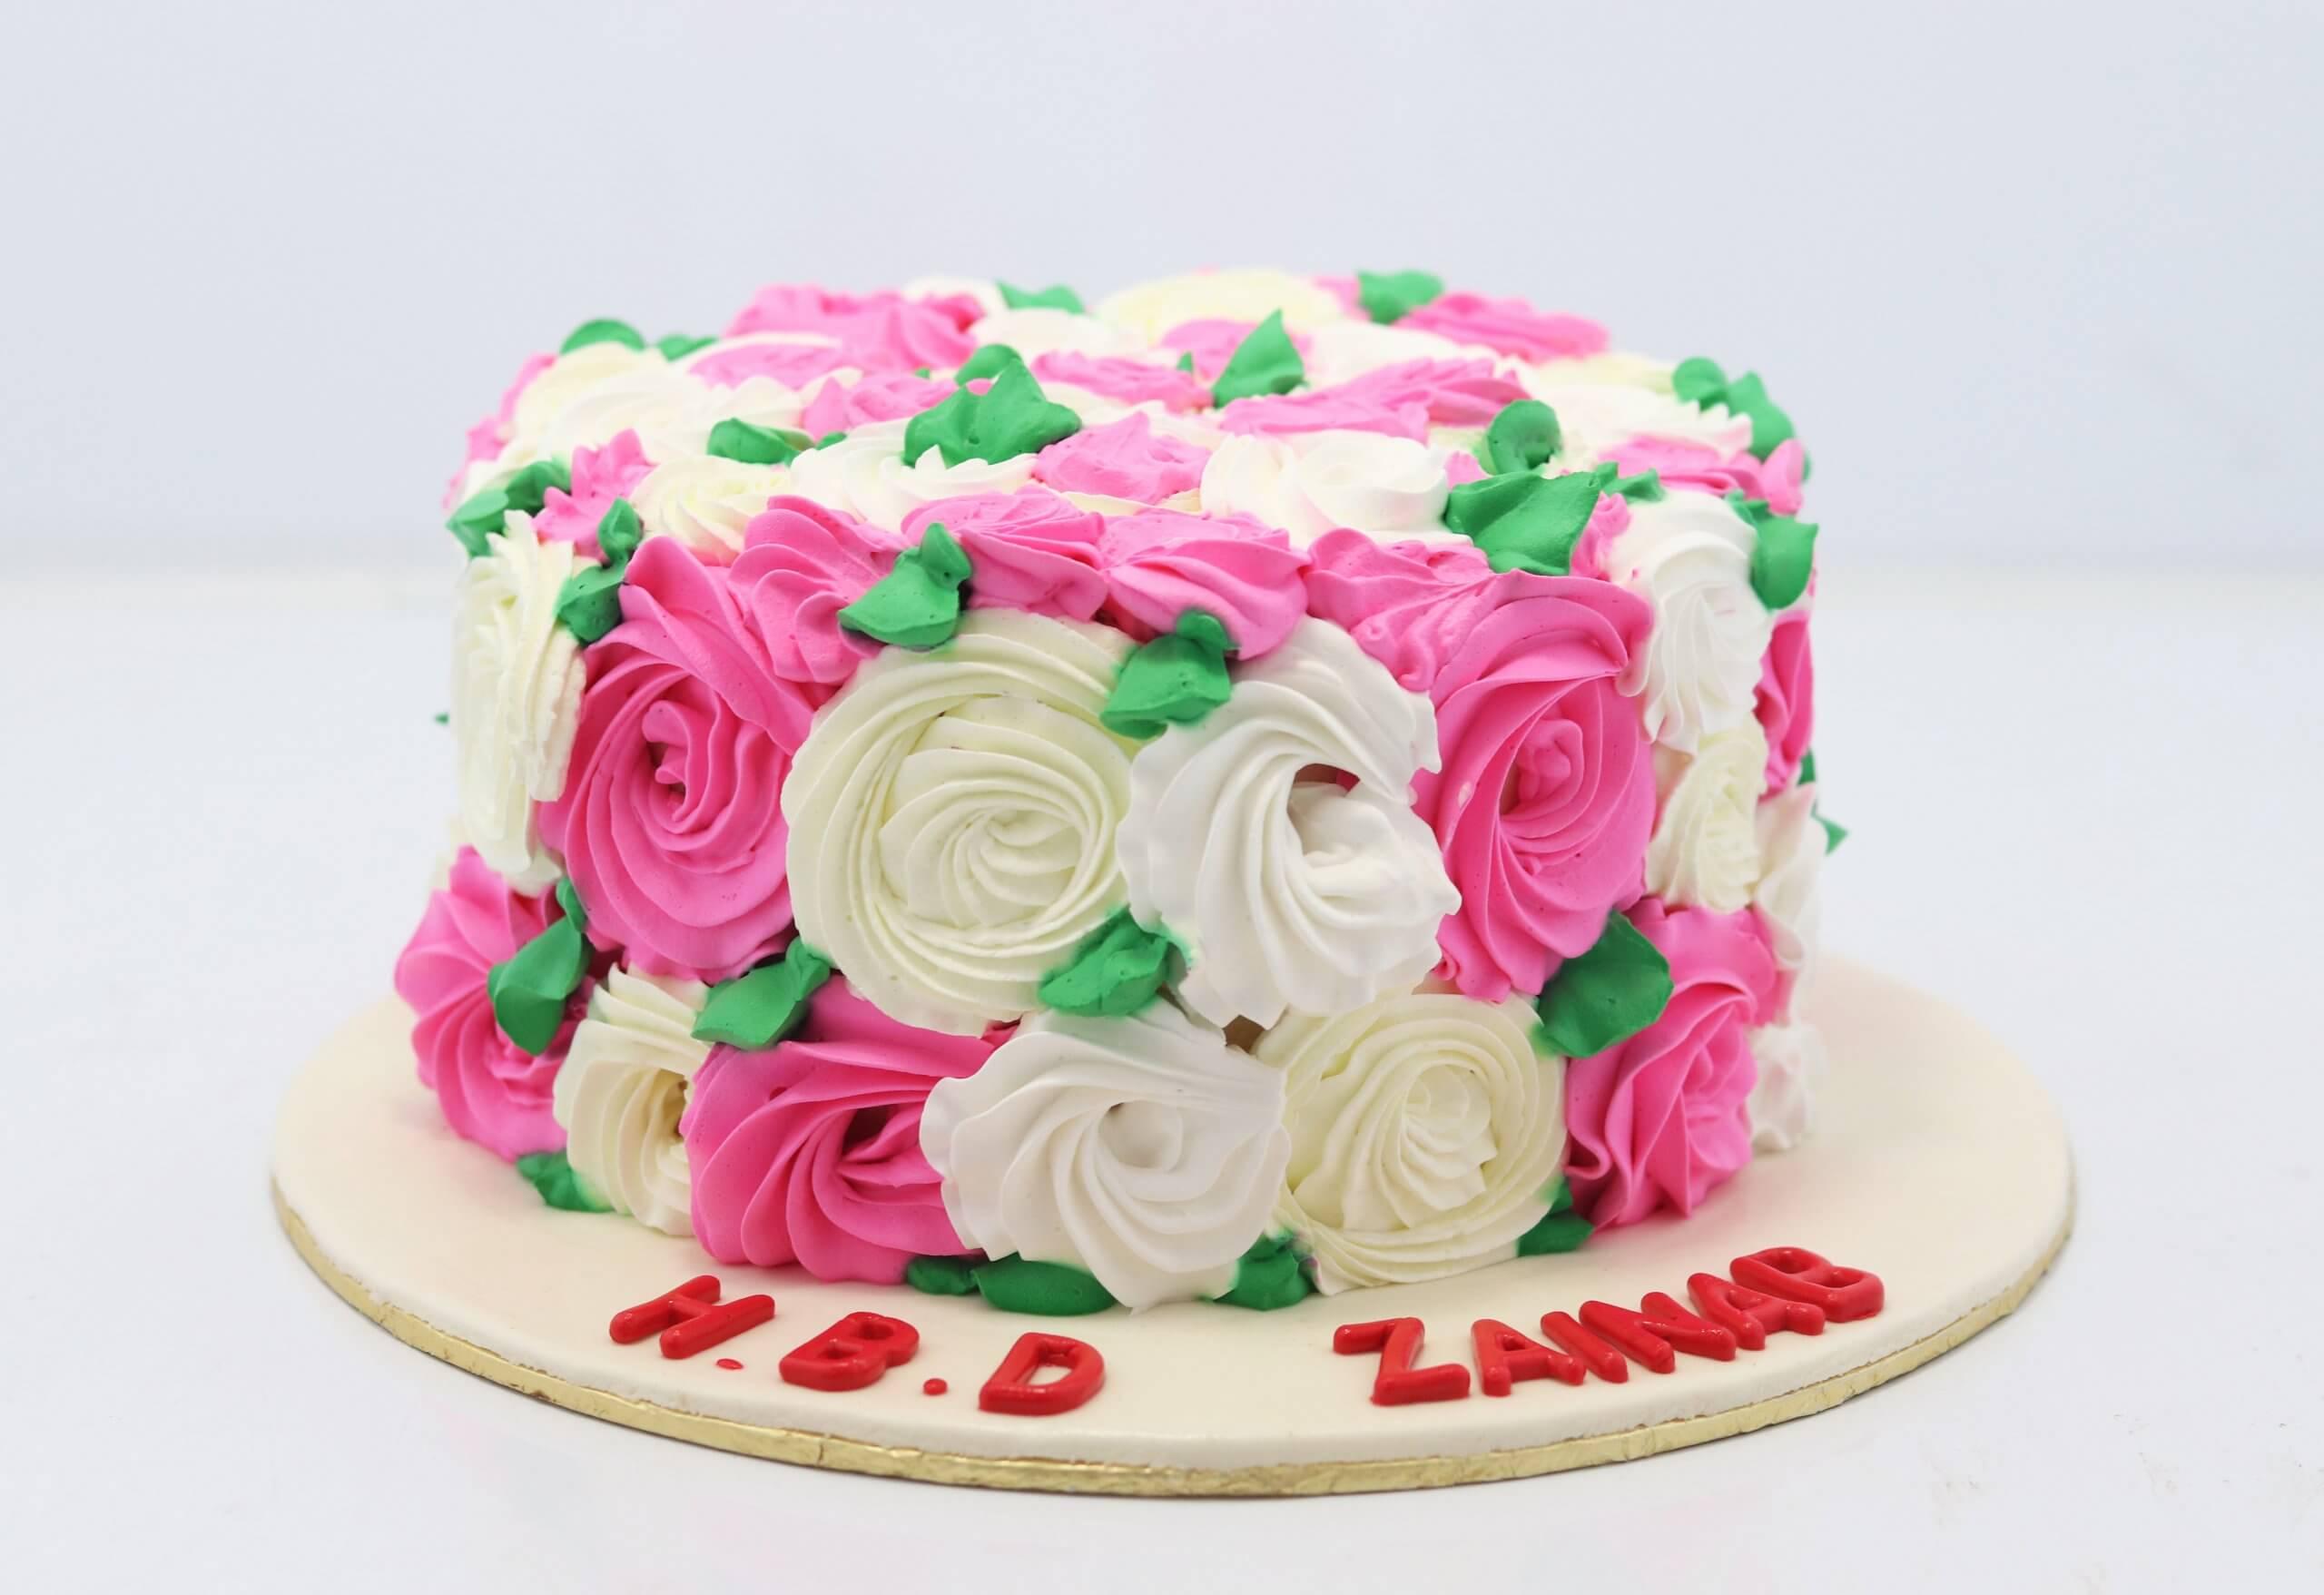 Fine Pink White Flowers Birthday Cake Flower Cakes Birthday Cake In Lahore Funny Birthday Cards Online Elaedamsfinfo